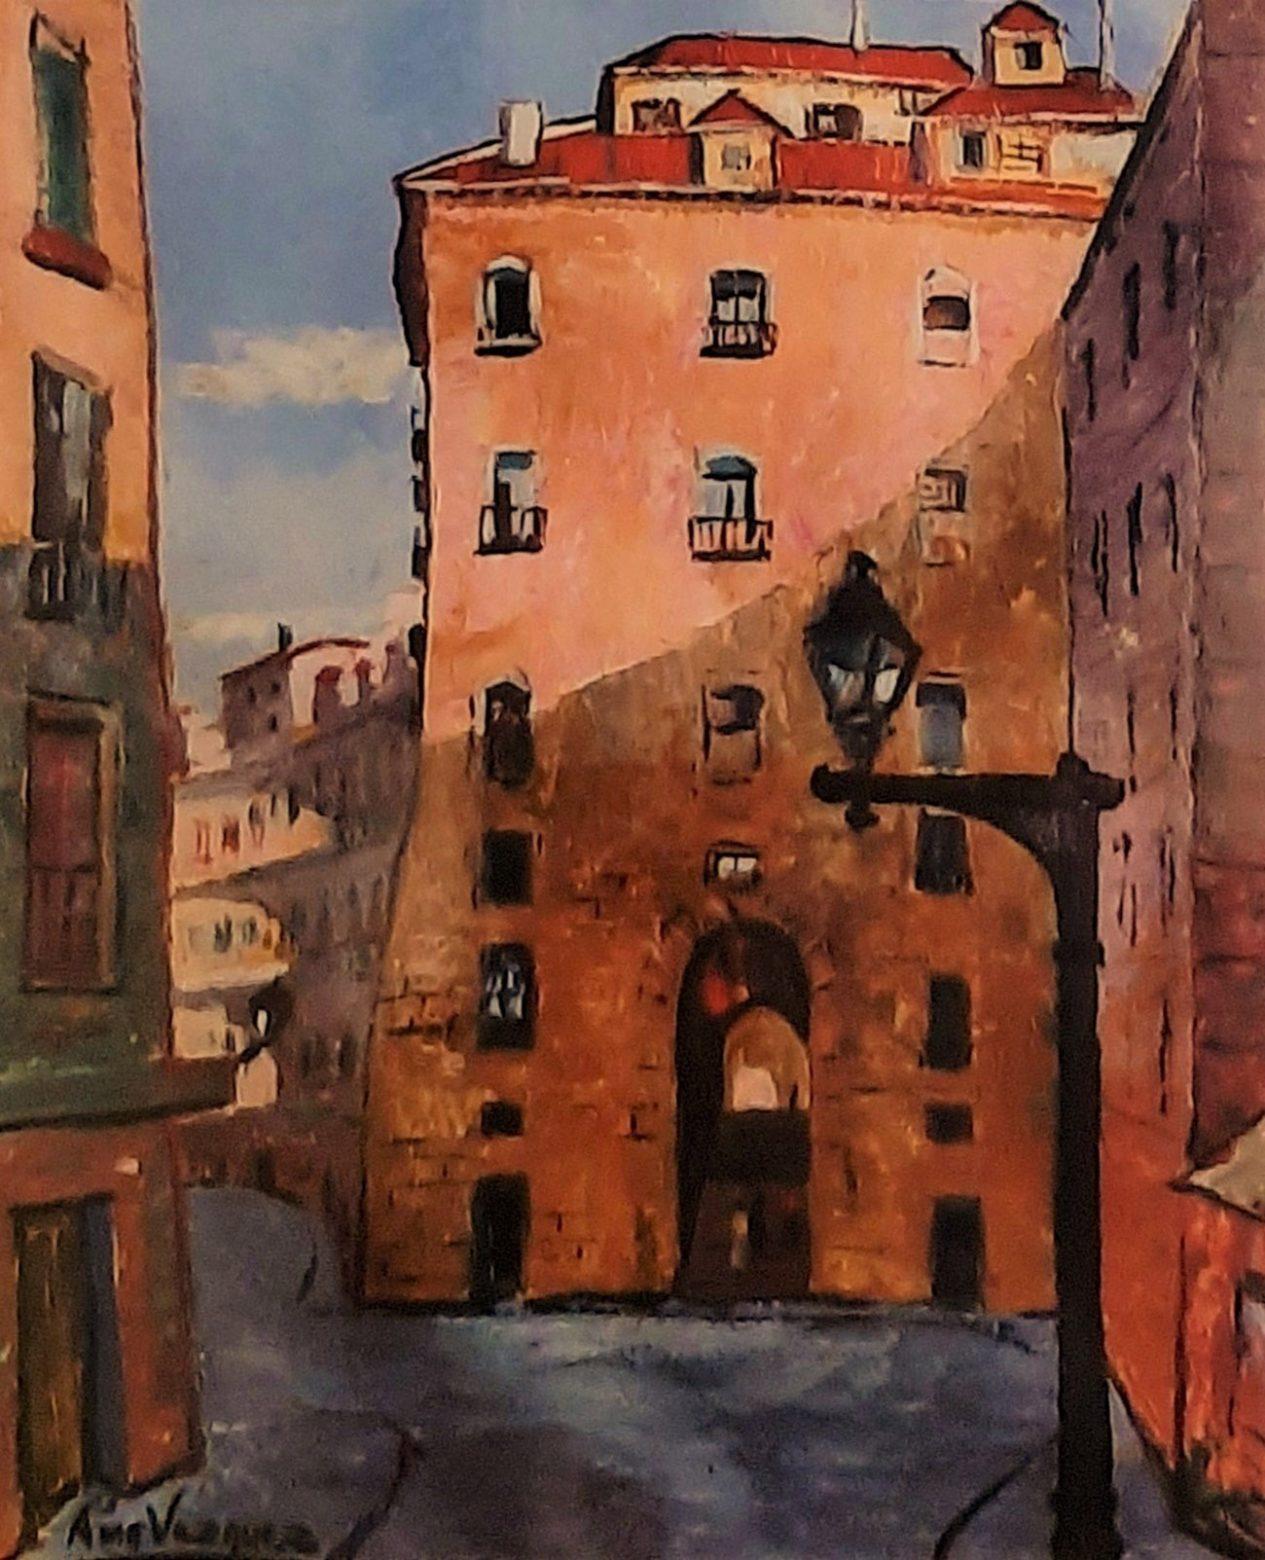 Juan Amo. (1957). Madrid Matutino. Colección Privada.